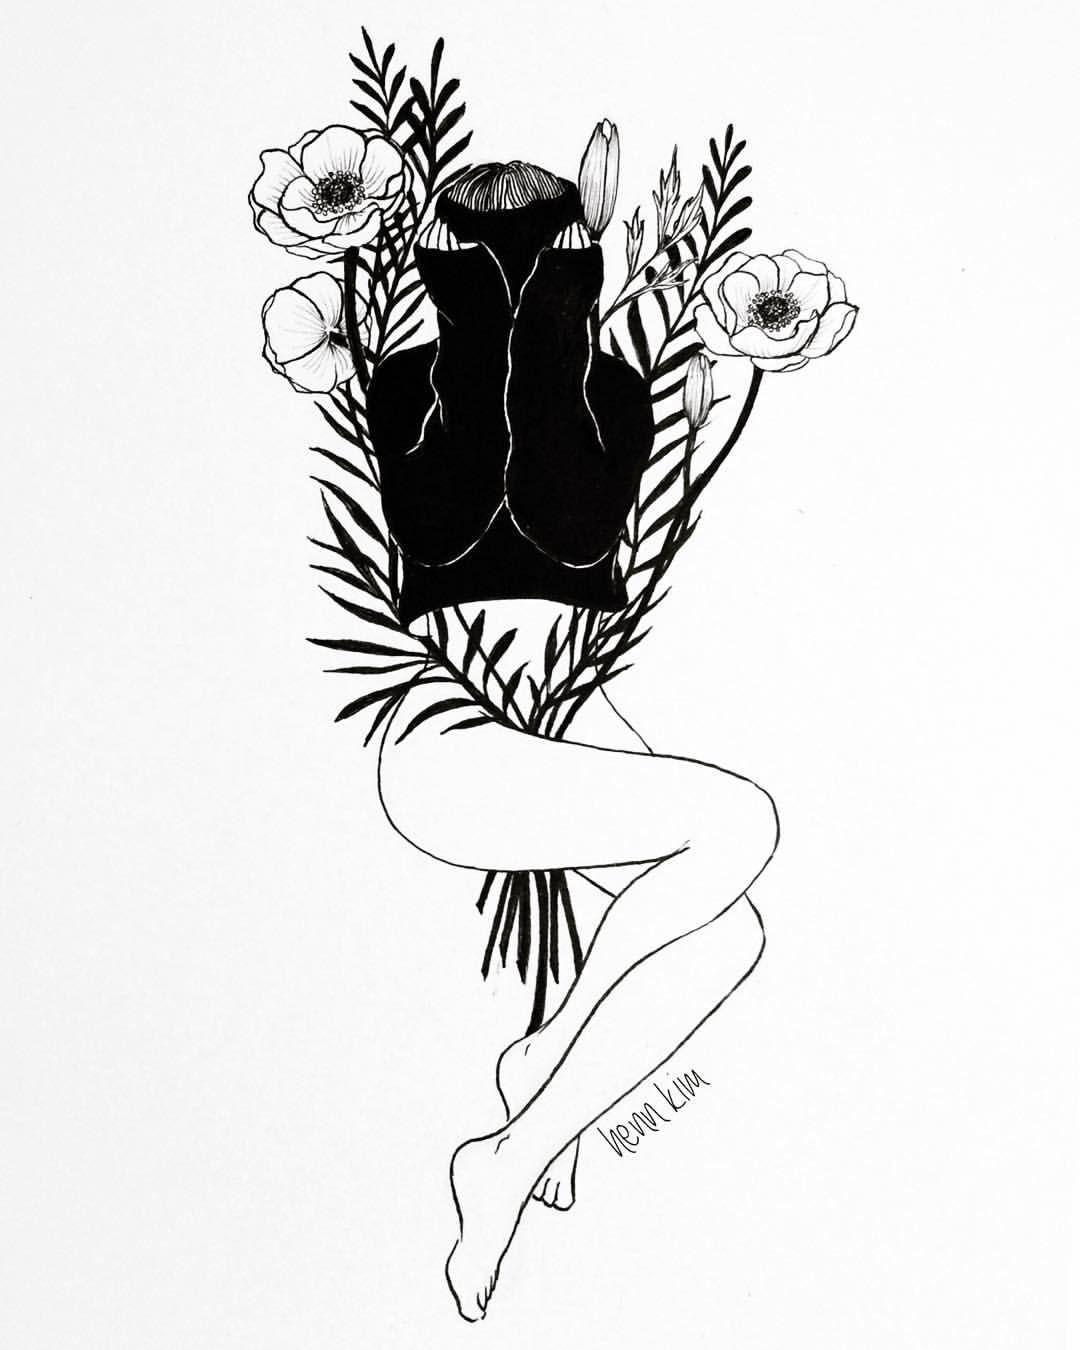 ㅣPure Morningㅣby Henn Kim Go Get Art Print